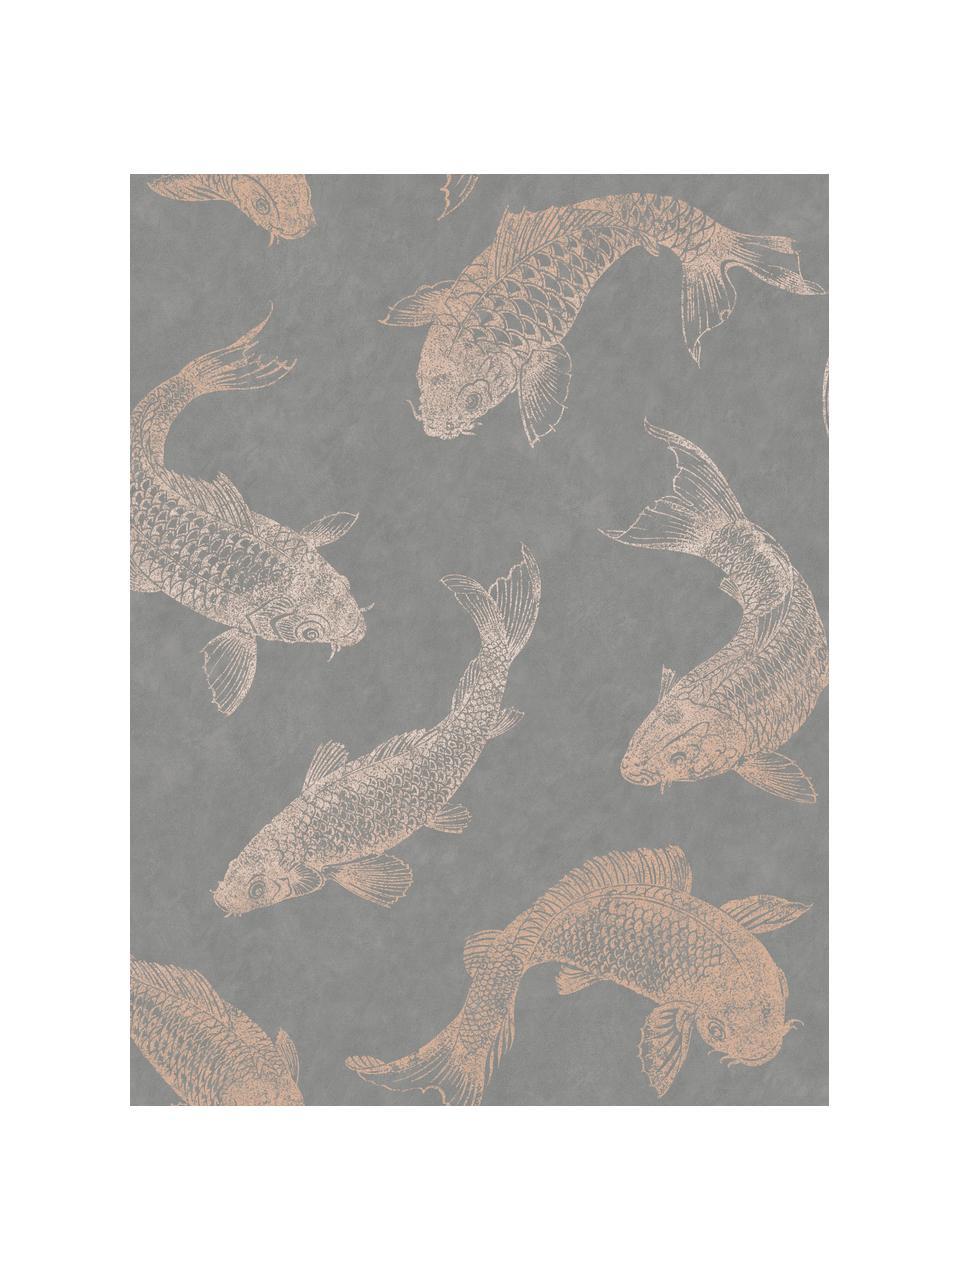 Tapete Koi, Vlies, Grau, Beige, 52 x 1005 cm